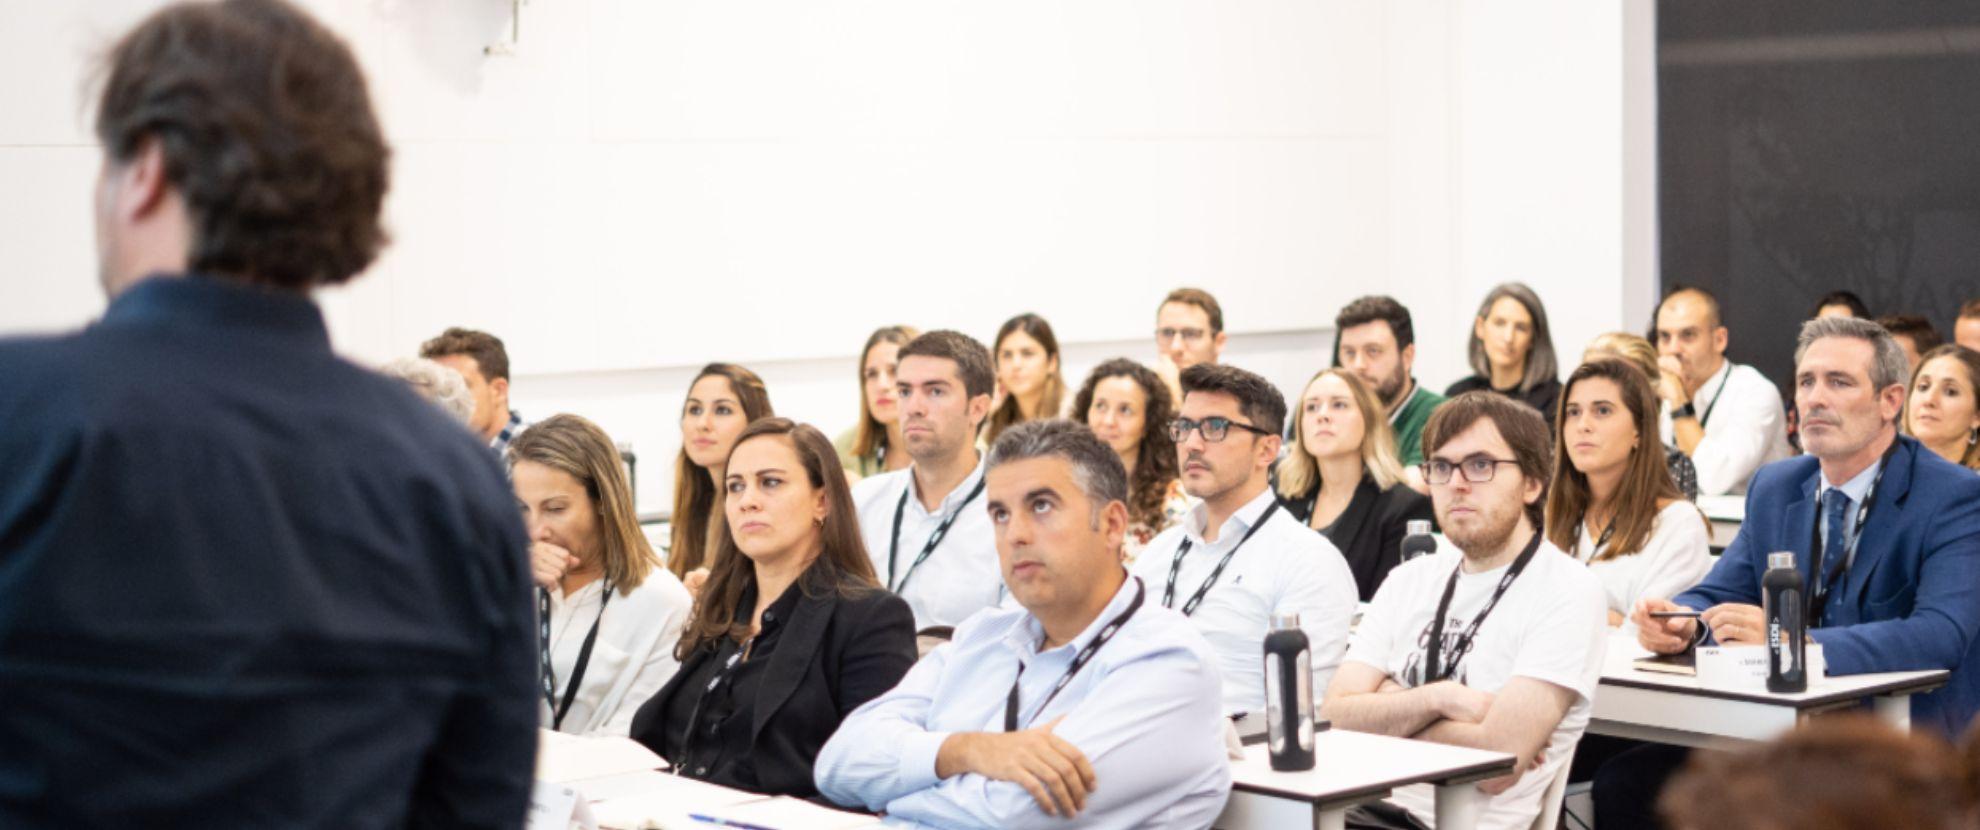 ¿Qué perfiles profesionales demandará el mercado en 2021?